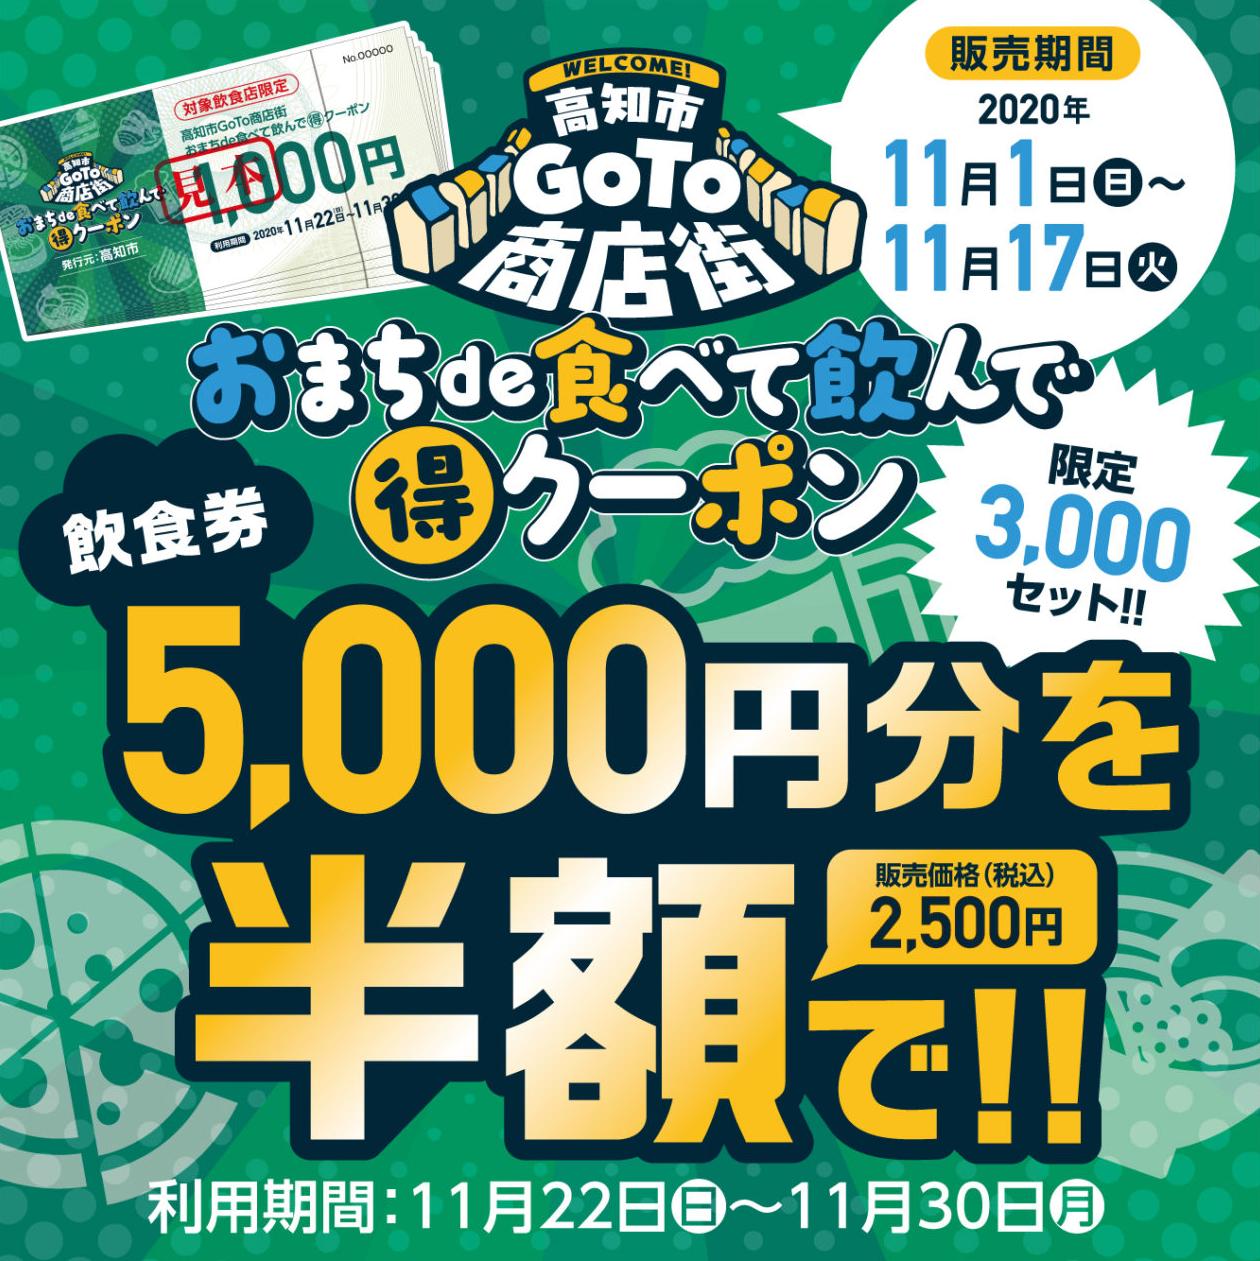 高知市GoTo商店街【おまちde食べて飲んでマル得クーポン】